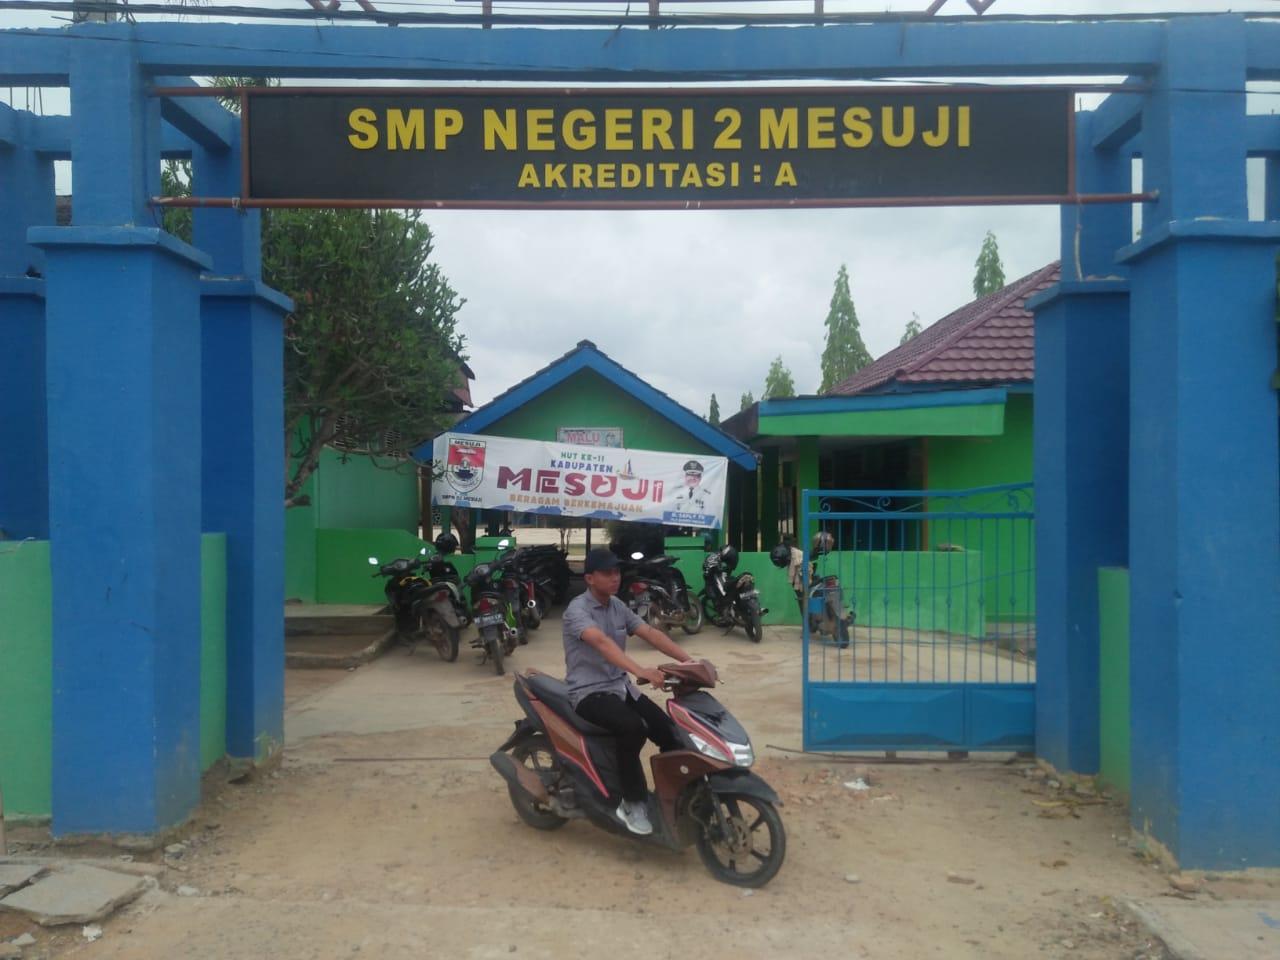 Diduga Bermasalah Rehap Bangunan SMPN 02 Mesuji Asal Jadi, Kepsek Alergi Wartawan